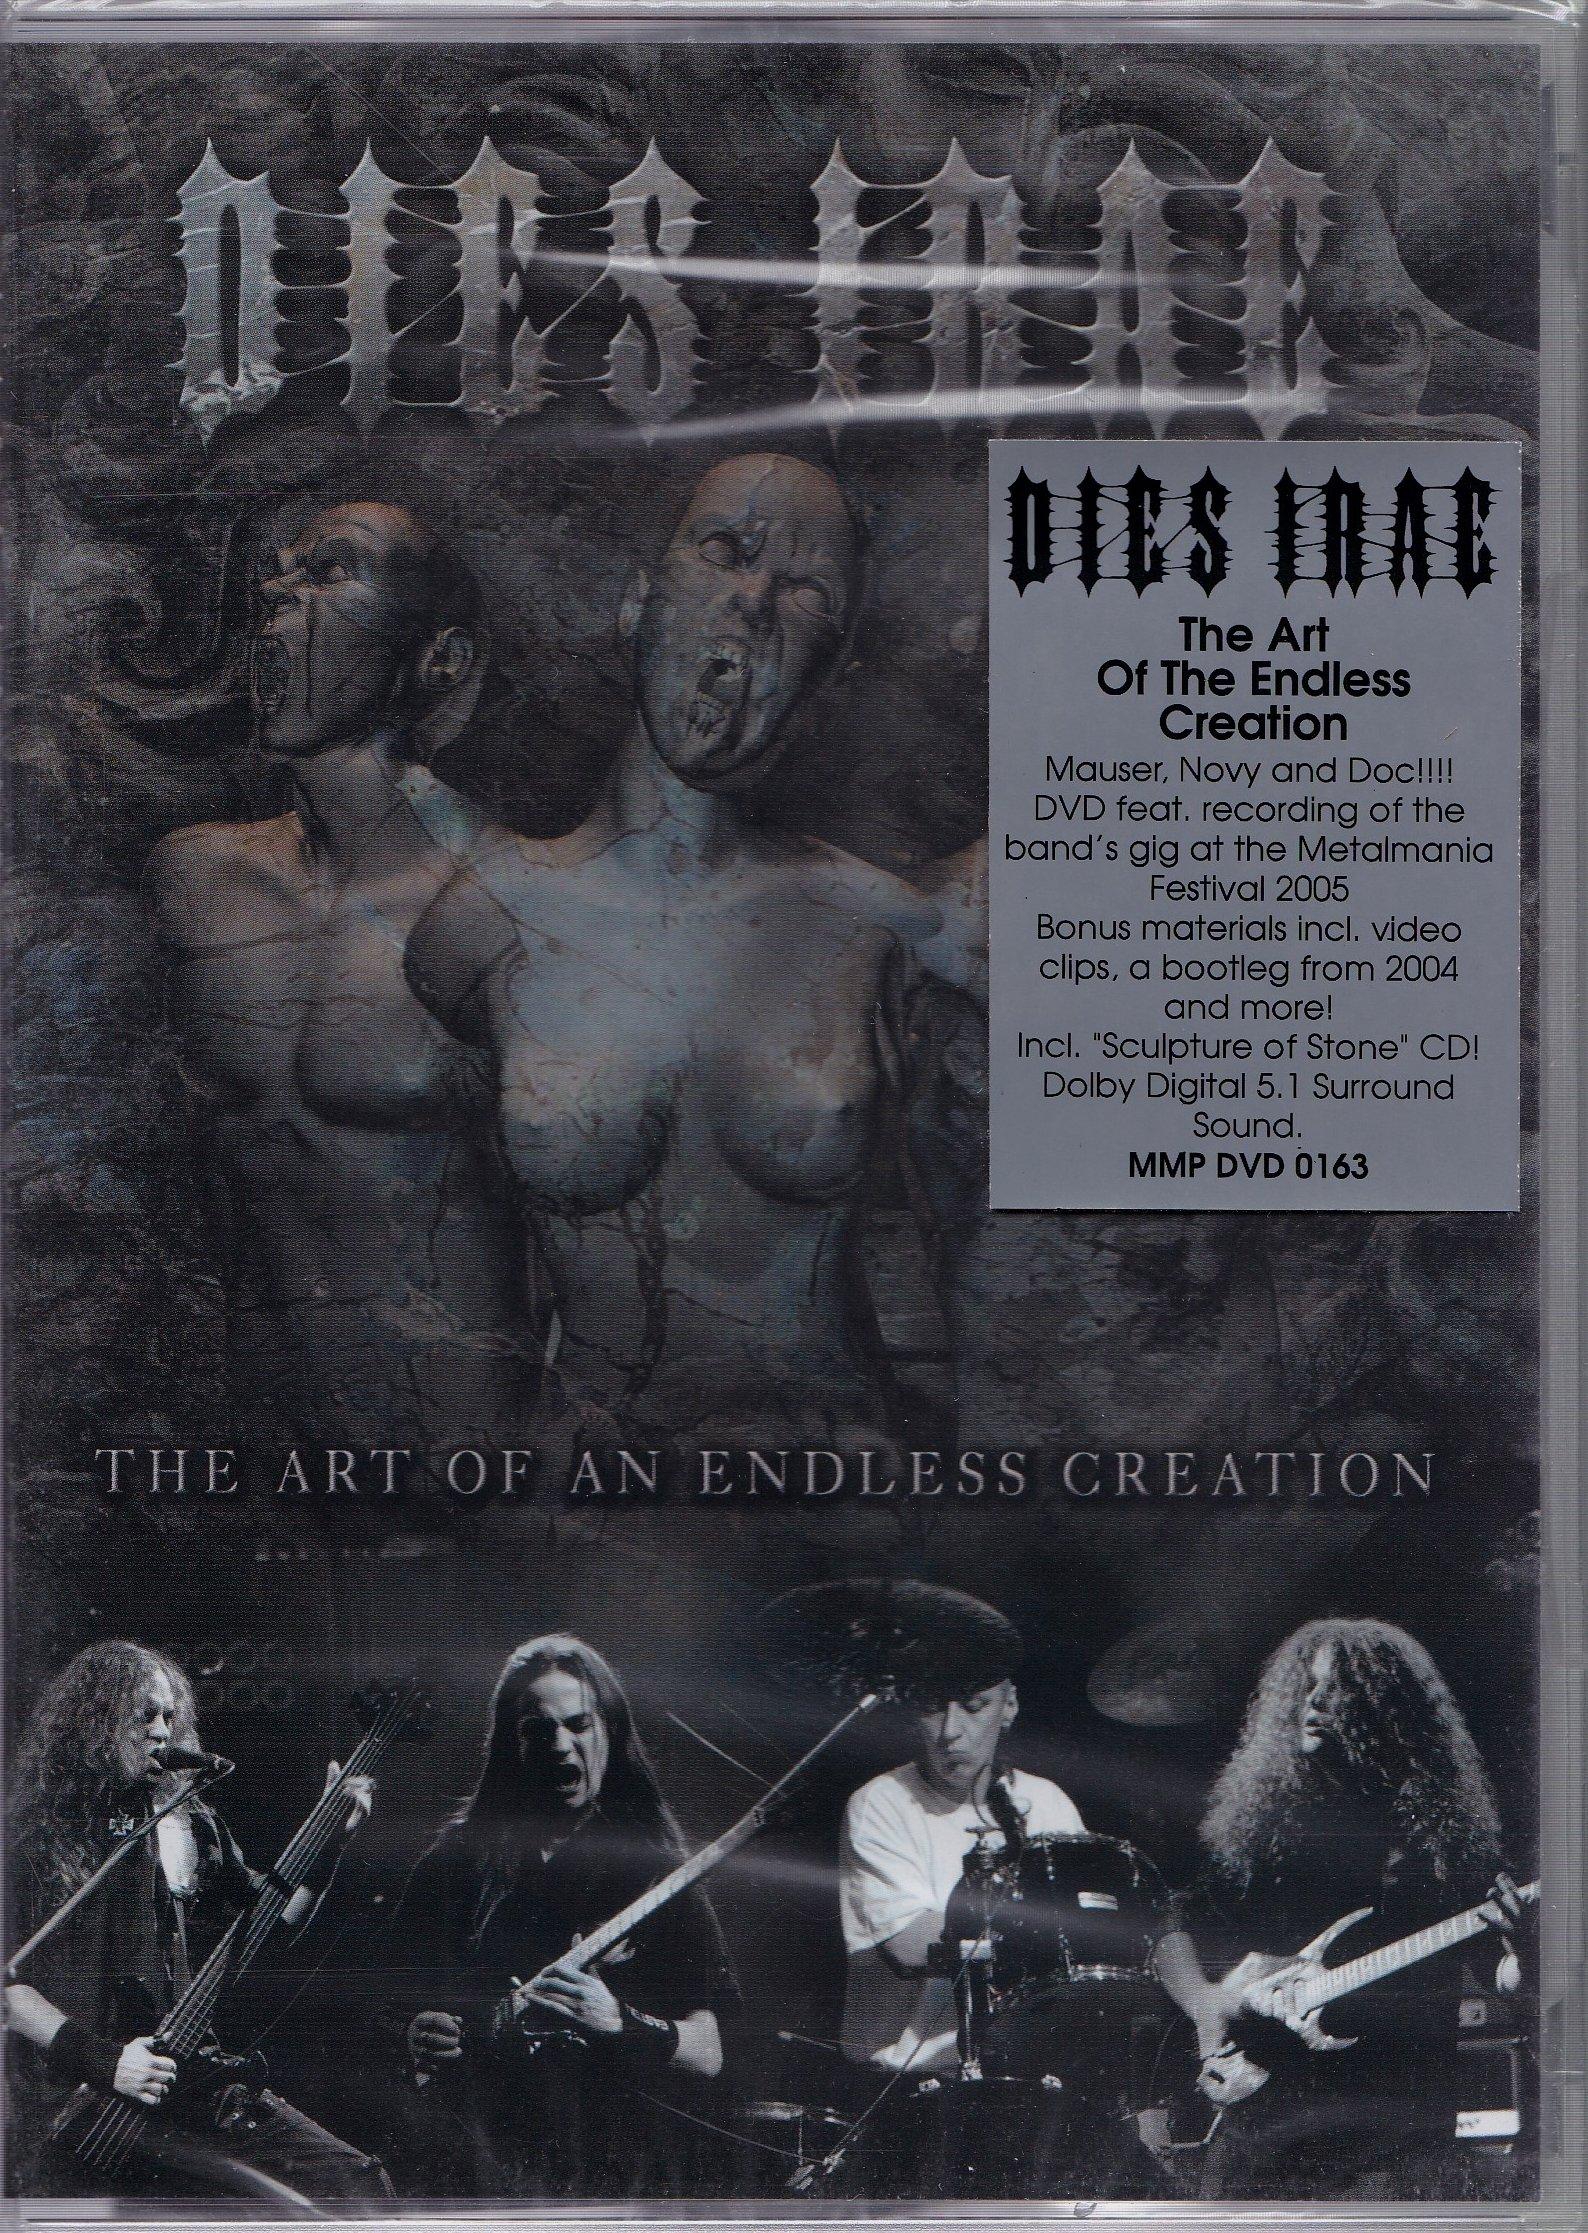 DVD / CD- DIES IRAE- ART OF AN ENDLESS CREATION